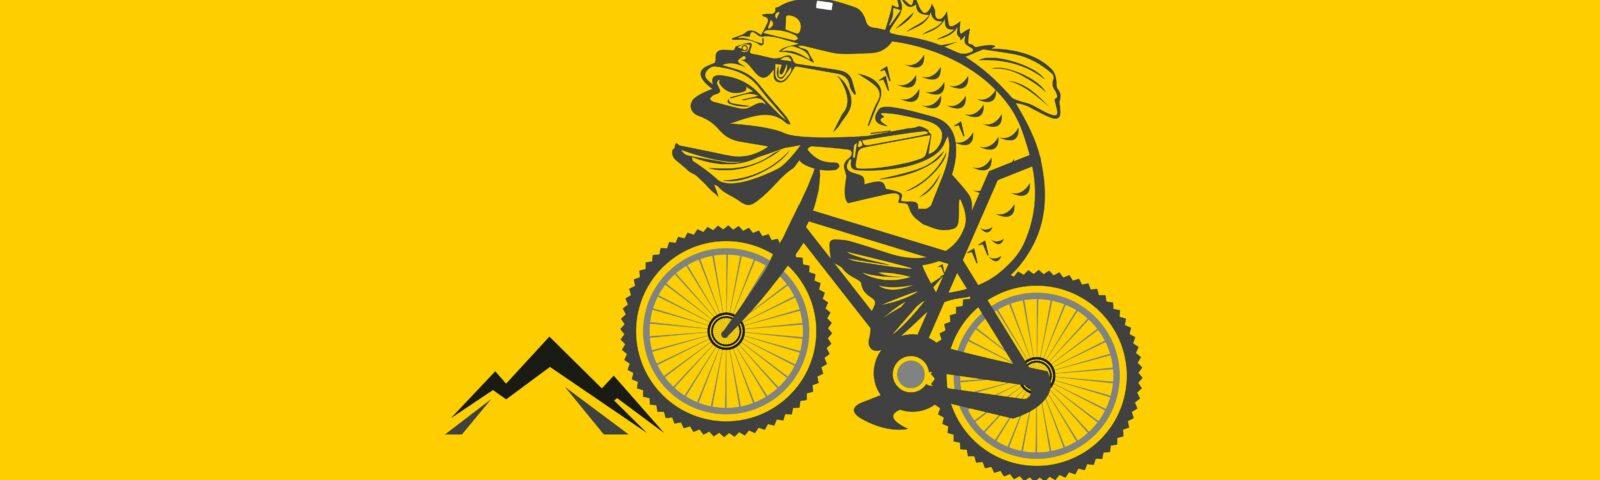 על אמונה, חיסונים נגד קורונה, דגים ואופניים